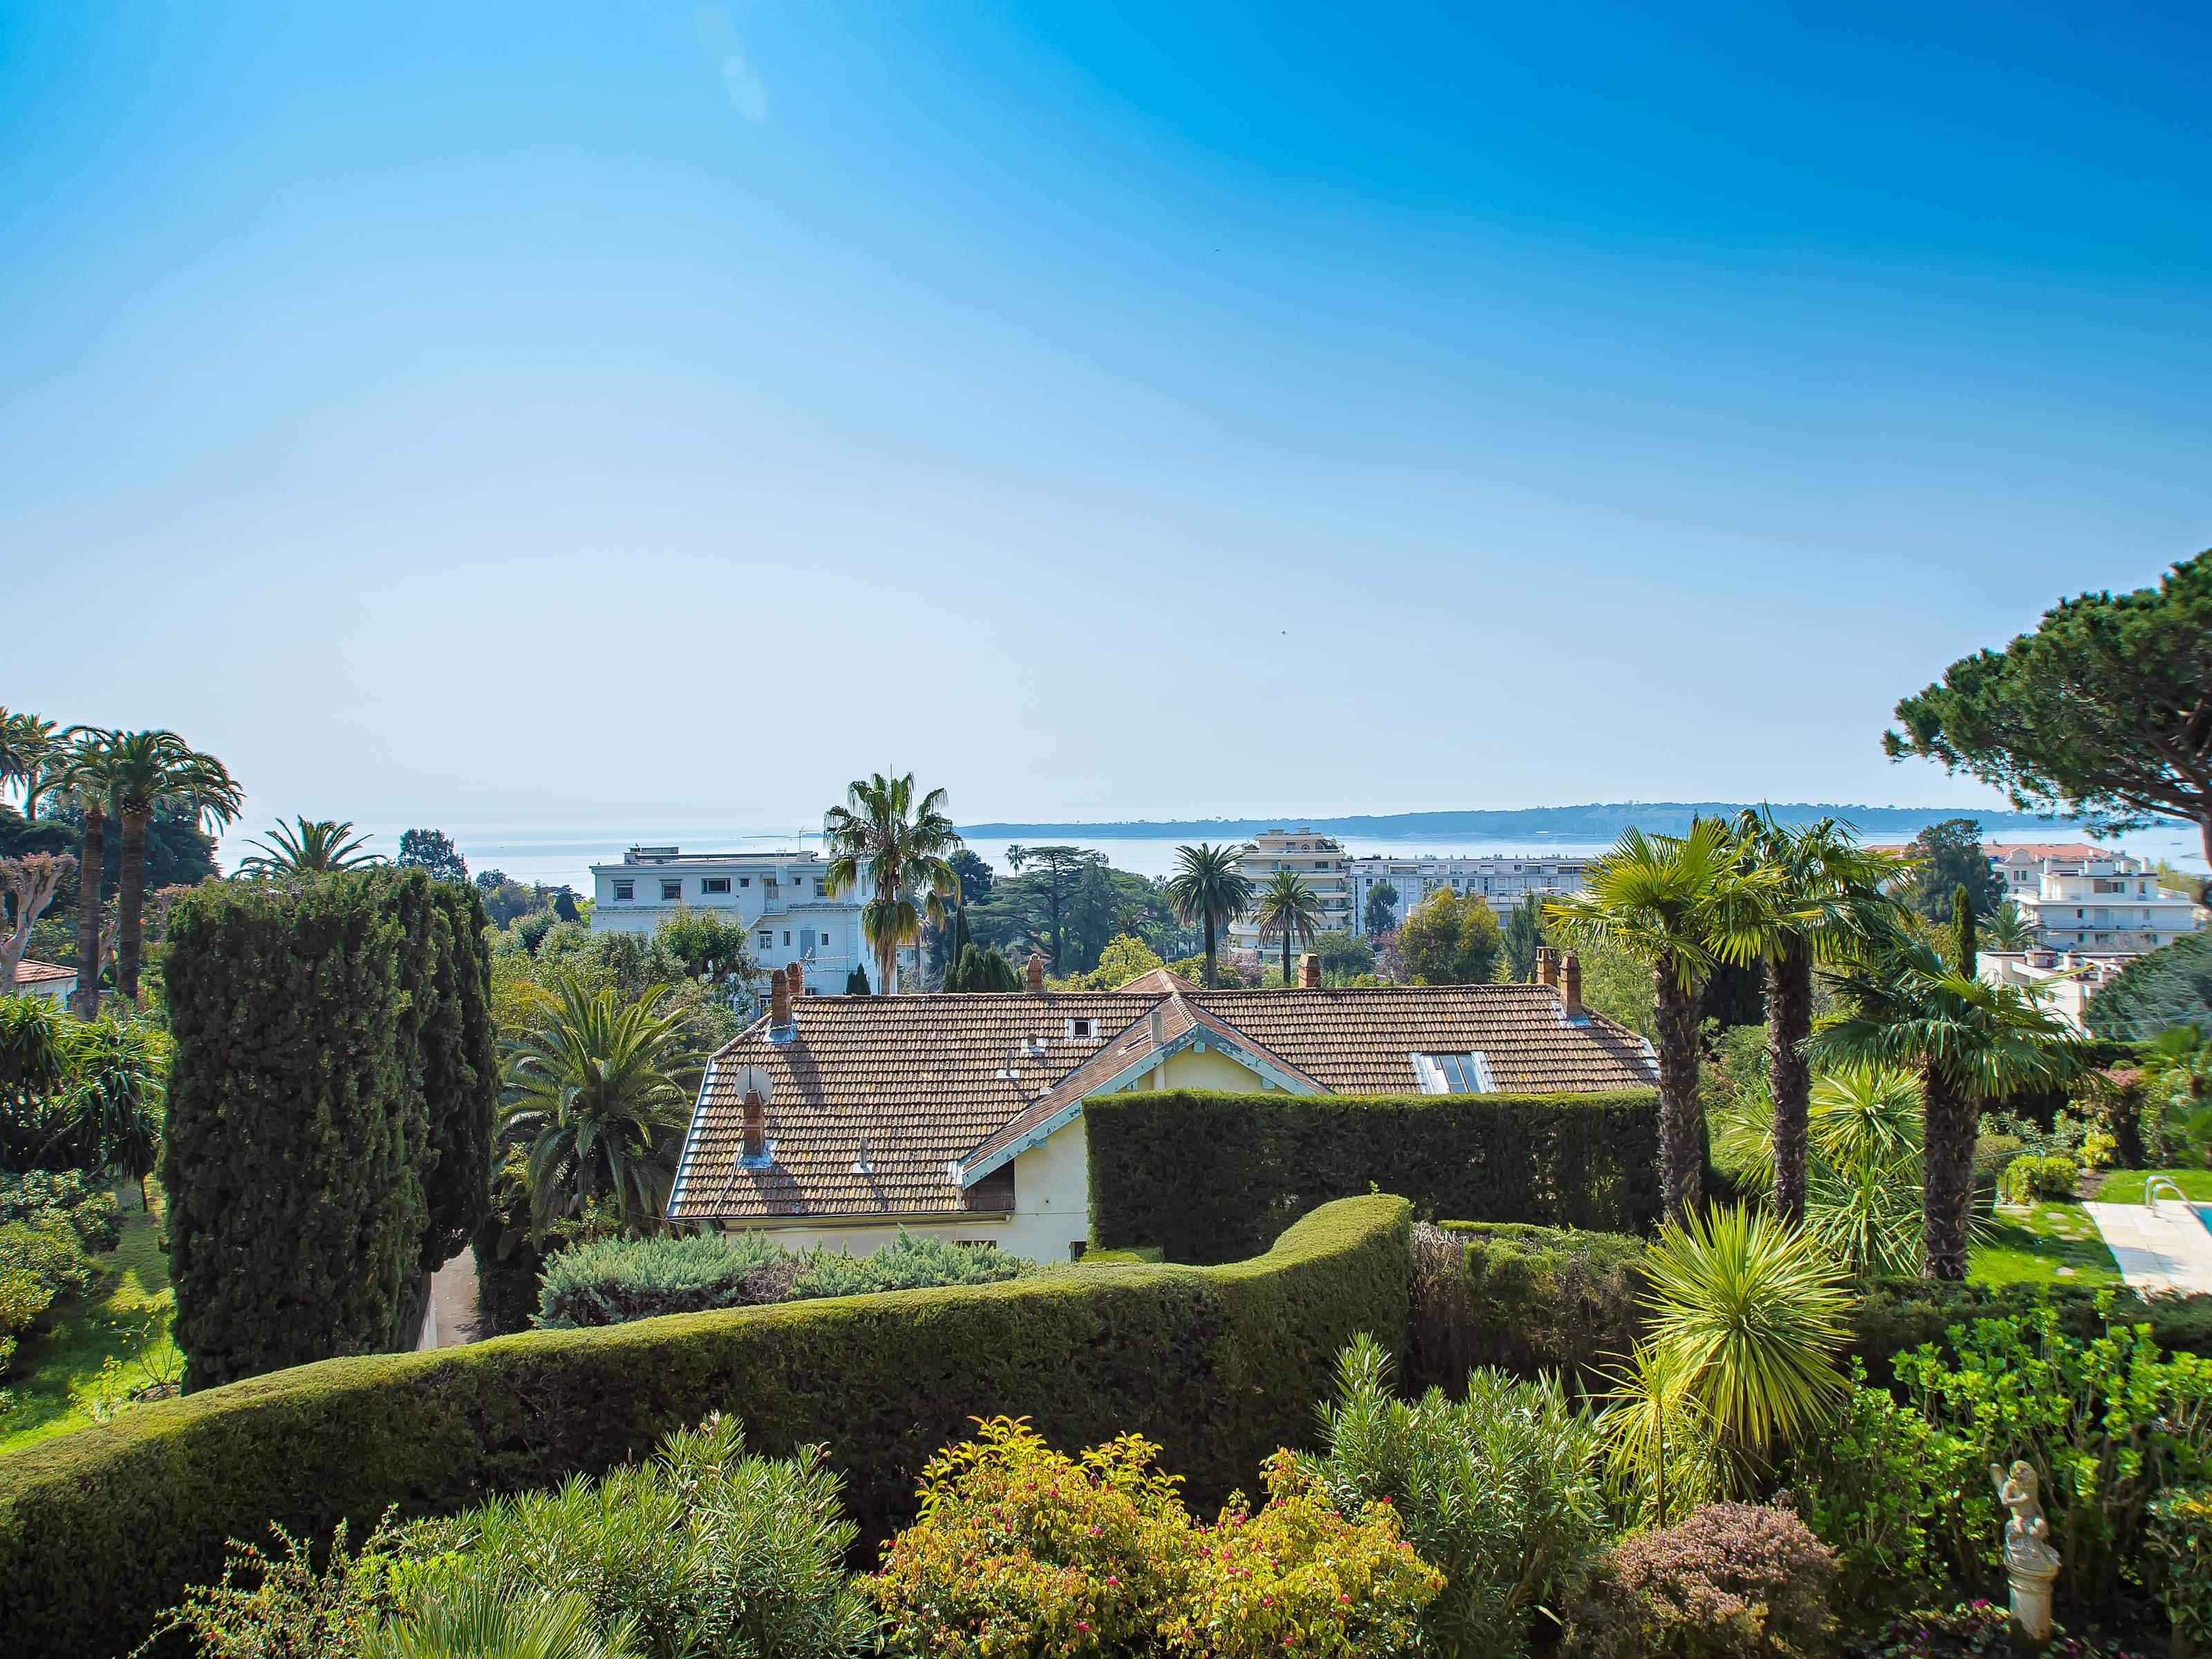 Apartamento para Venda às 4 room apartment with sea view Cannes, Provença-Alpes-Costa Azul 06400 França